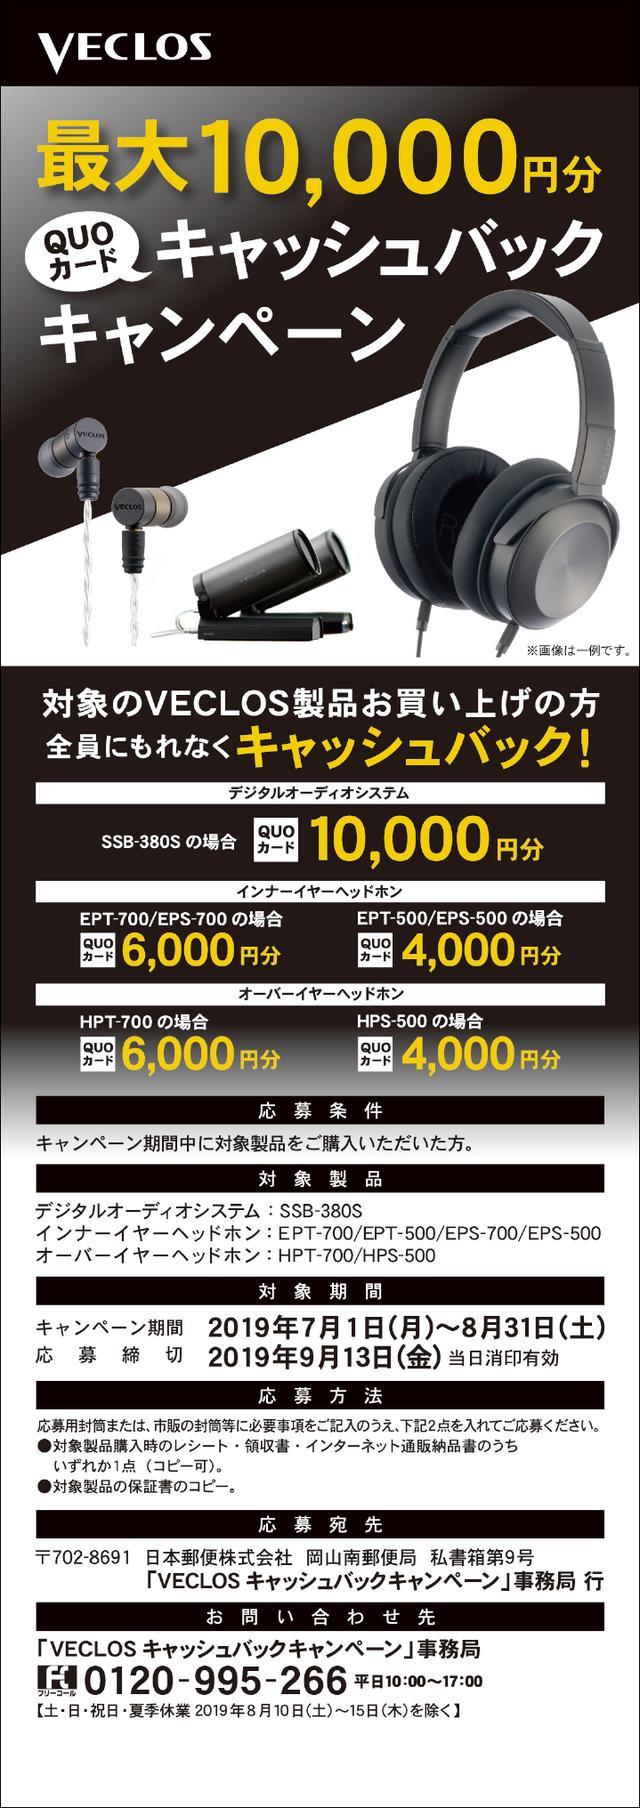 画像: VECLOS 魔法びんのサーモスが生んだ高音質スピーカー